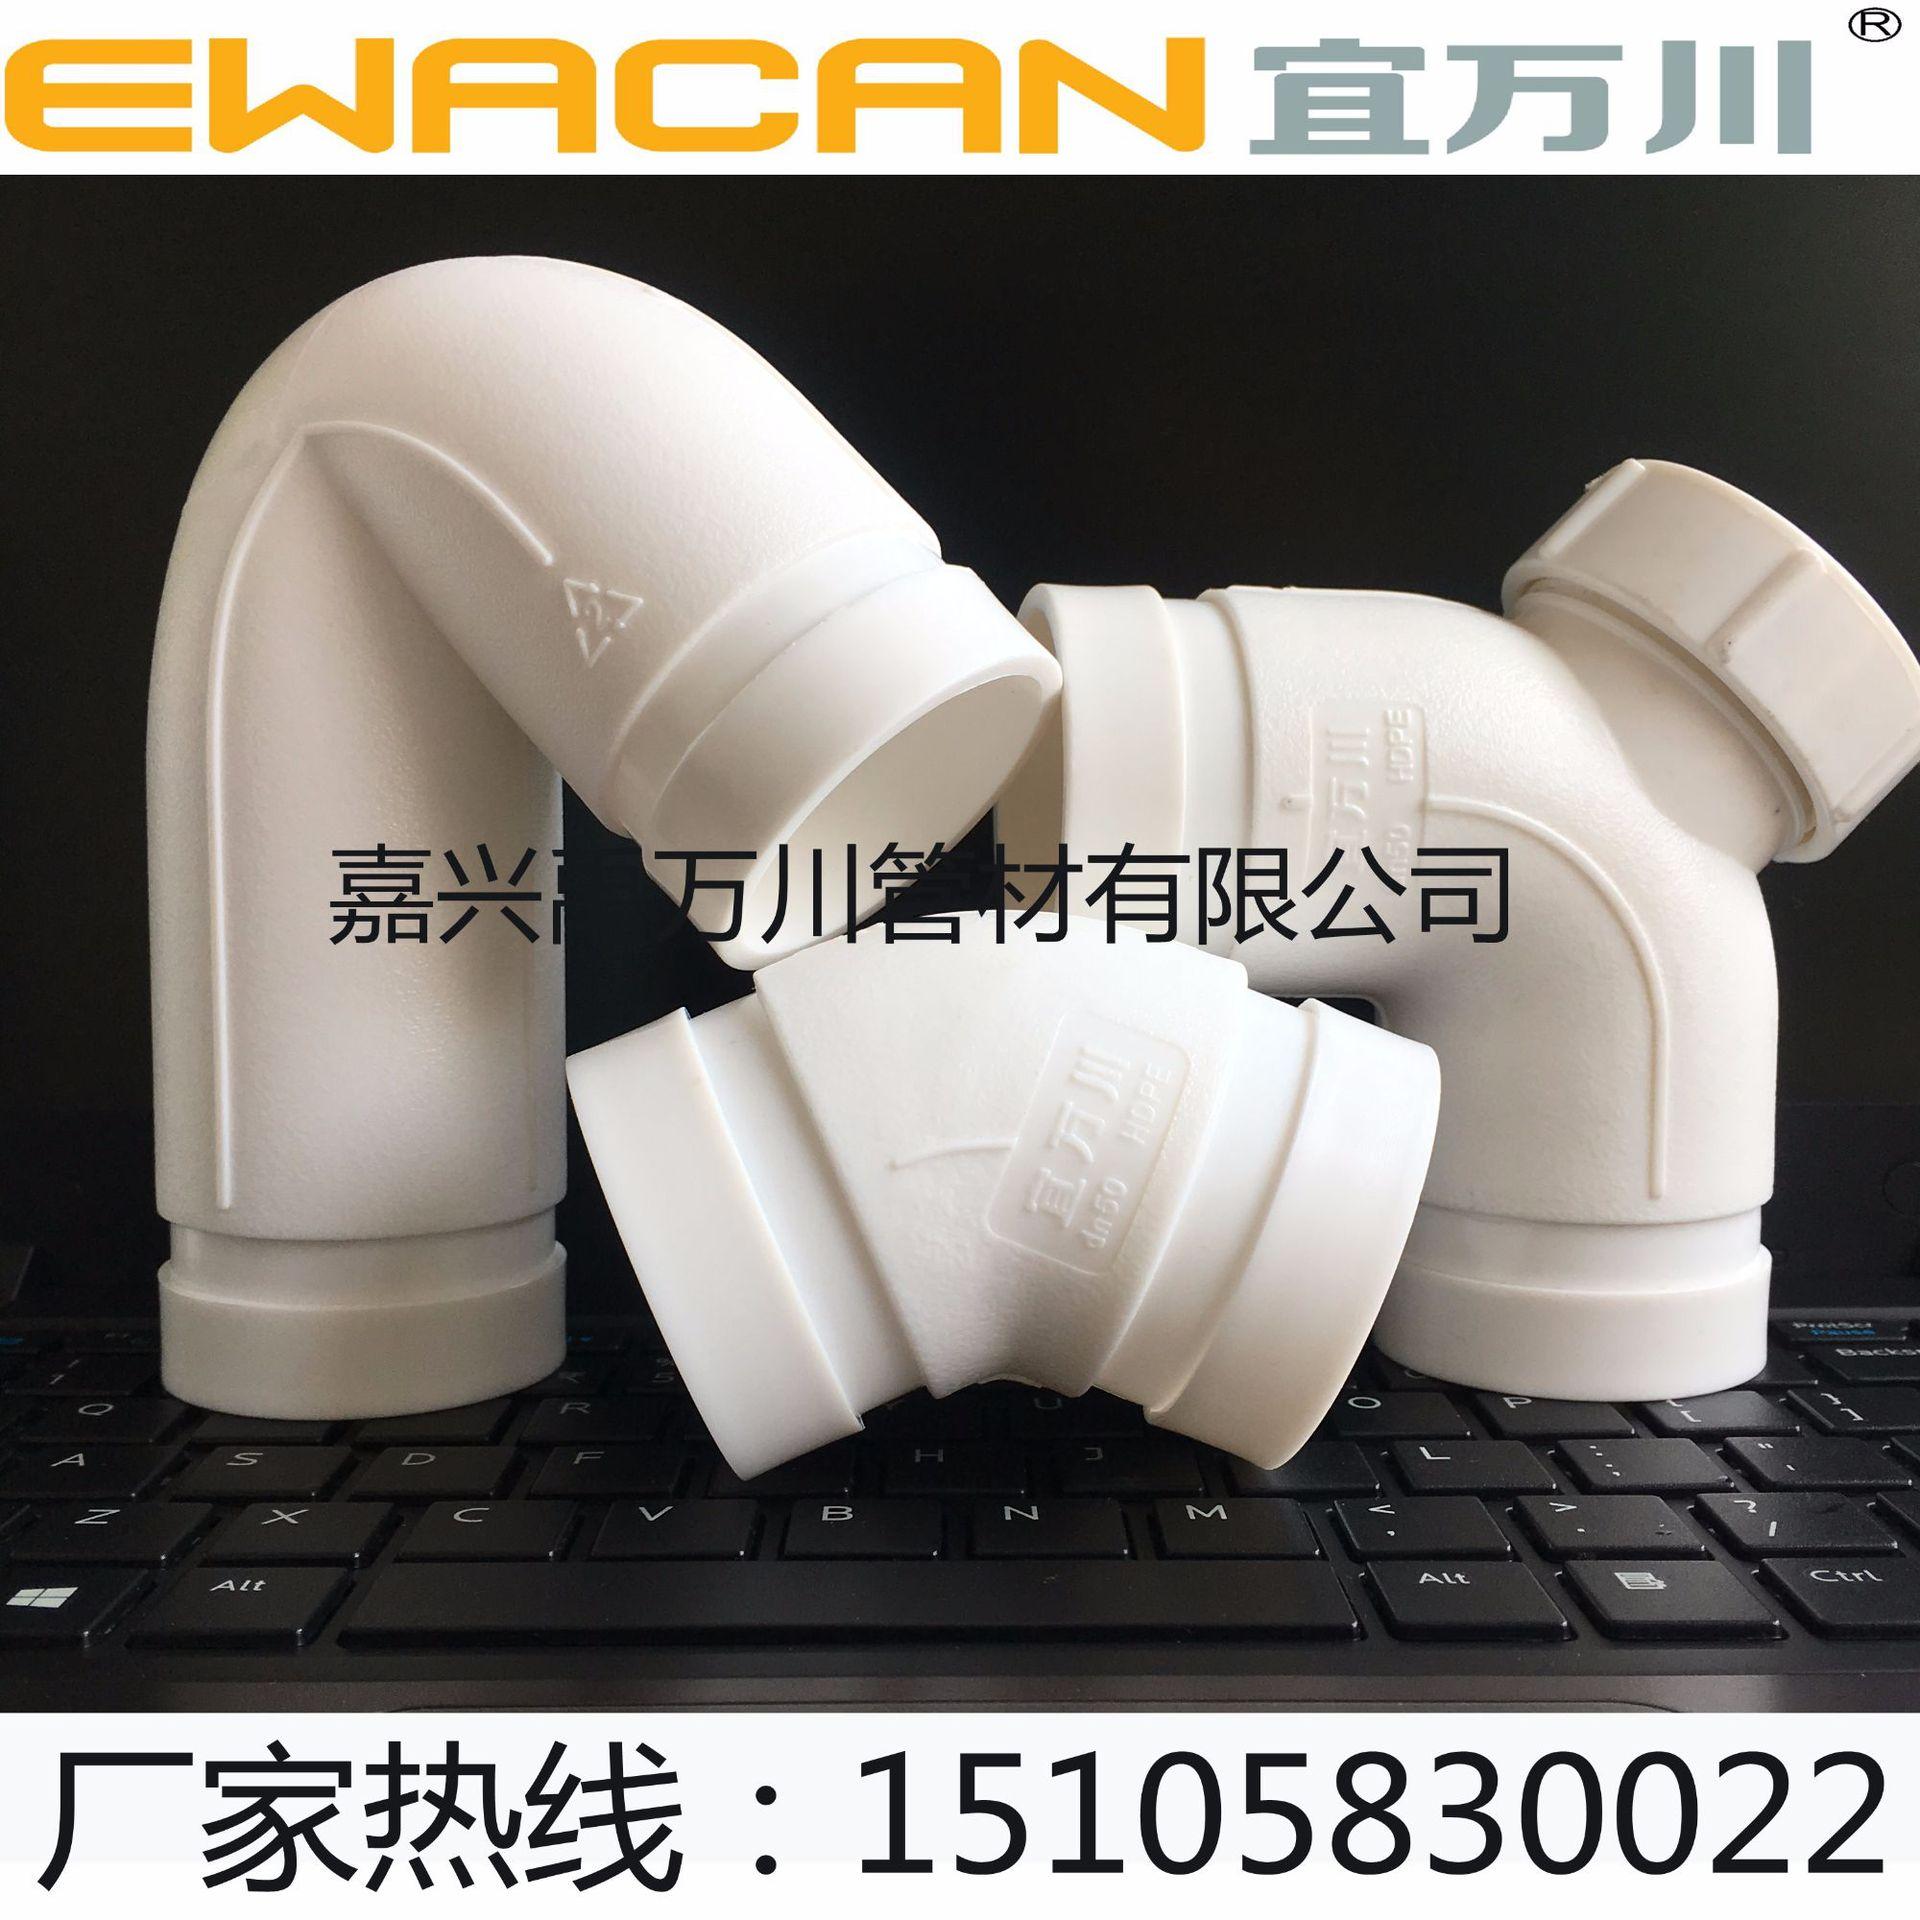 沟槽式HDPE超静音排水管,高密度聚乙烯ABS压环卡箍柔性连接示例图1